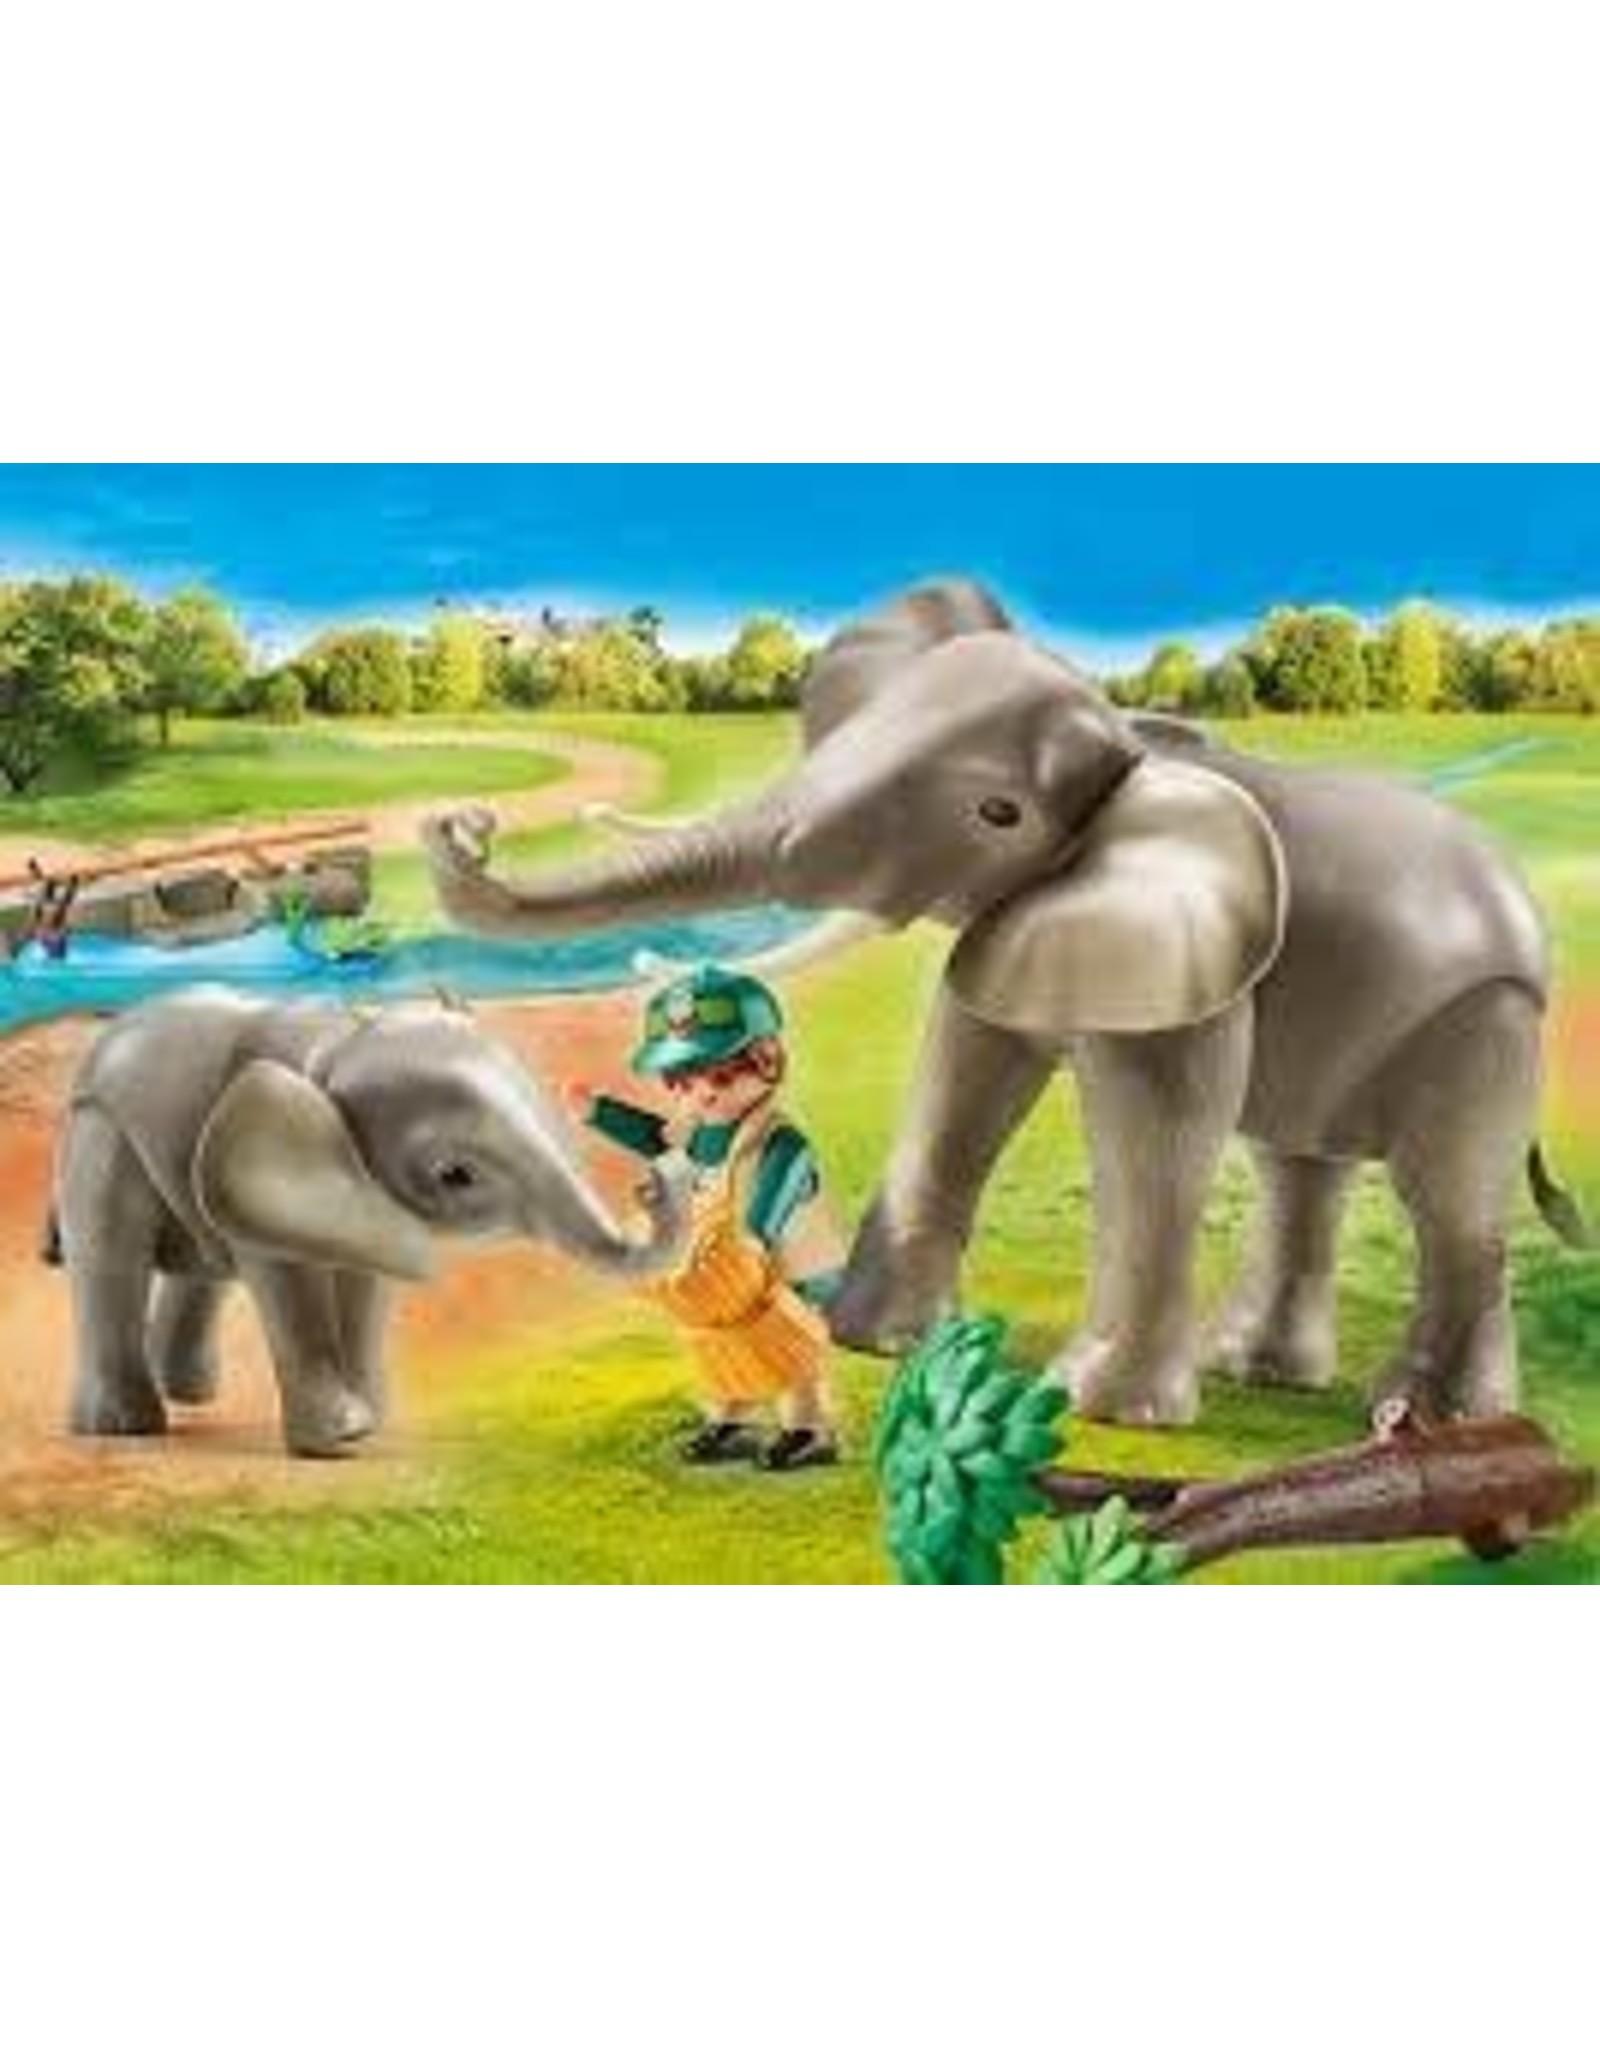 Playmobil Elephant Habitat